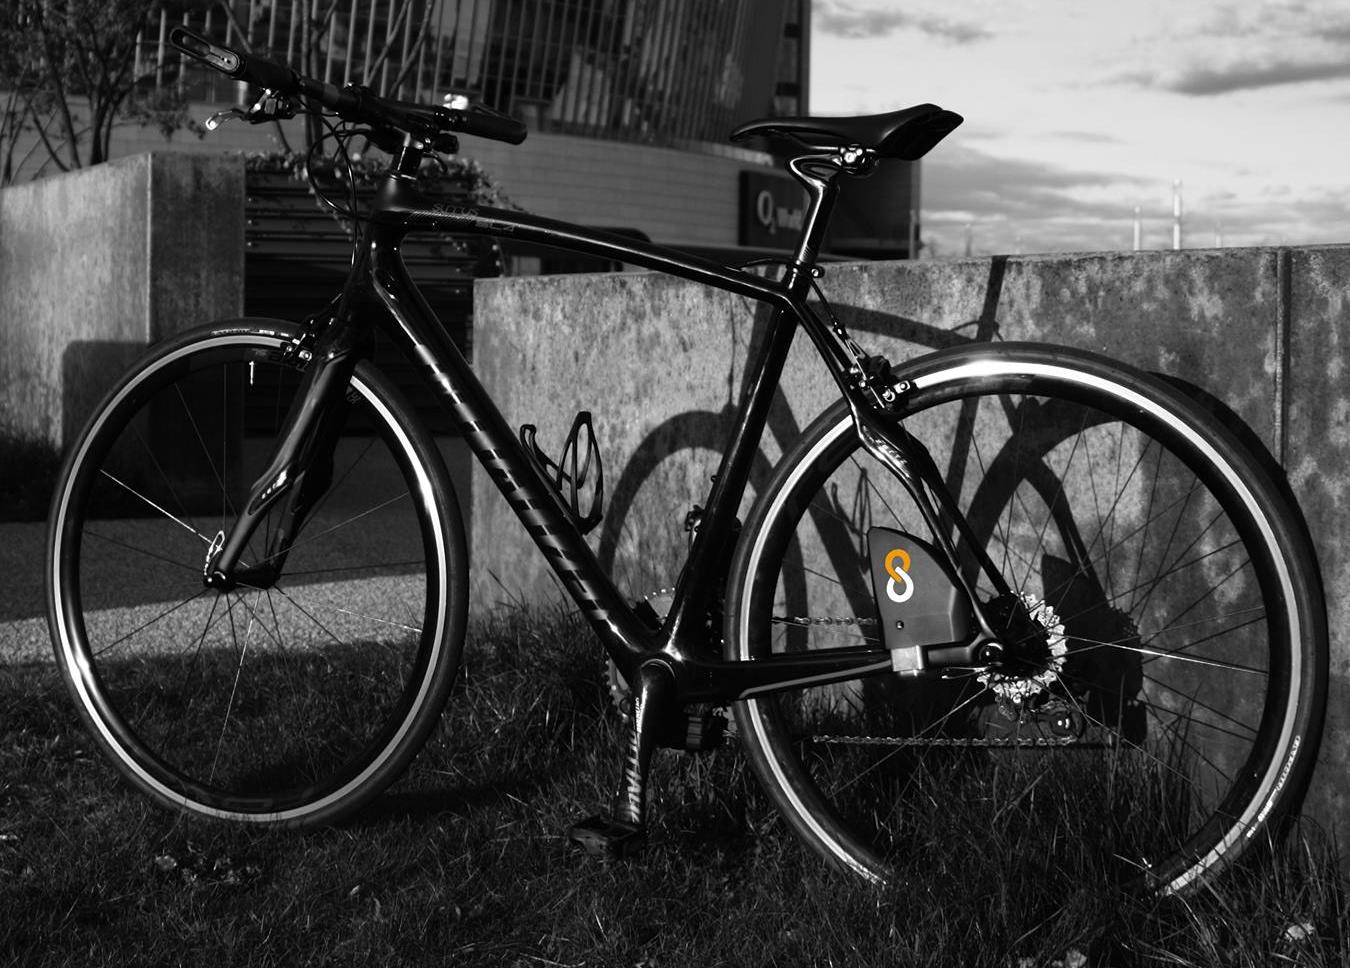 Противоугонный интеллектуальный замок для велосипеда Lock8